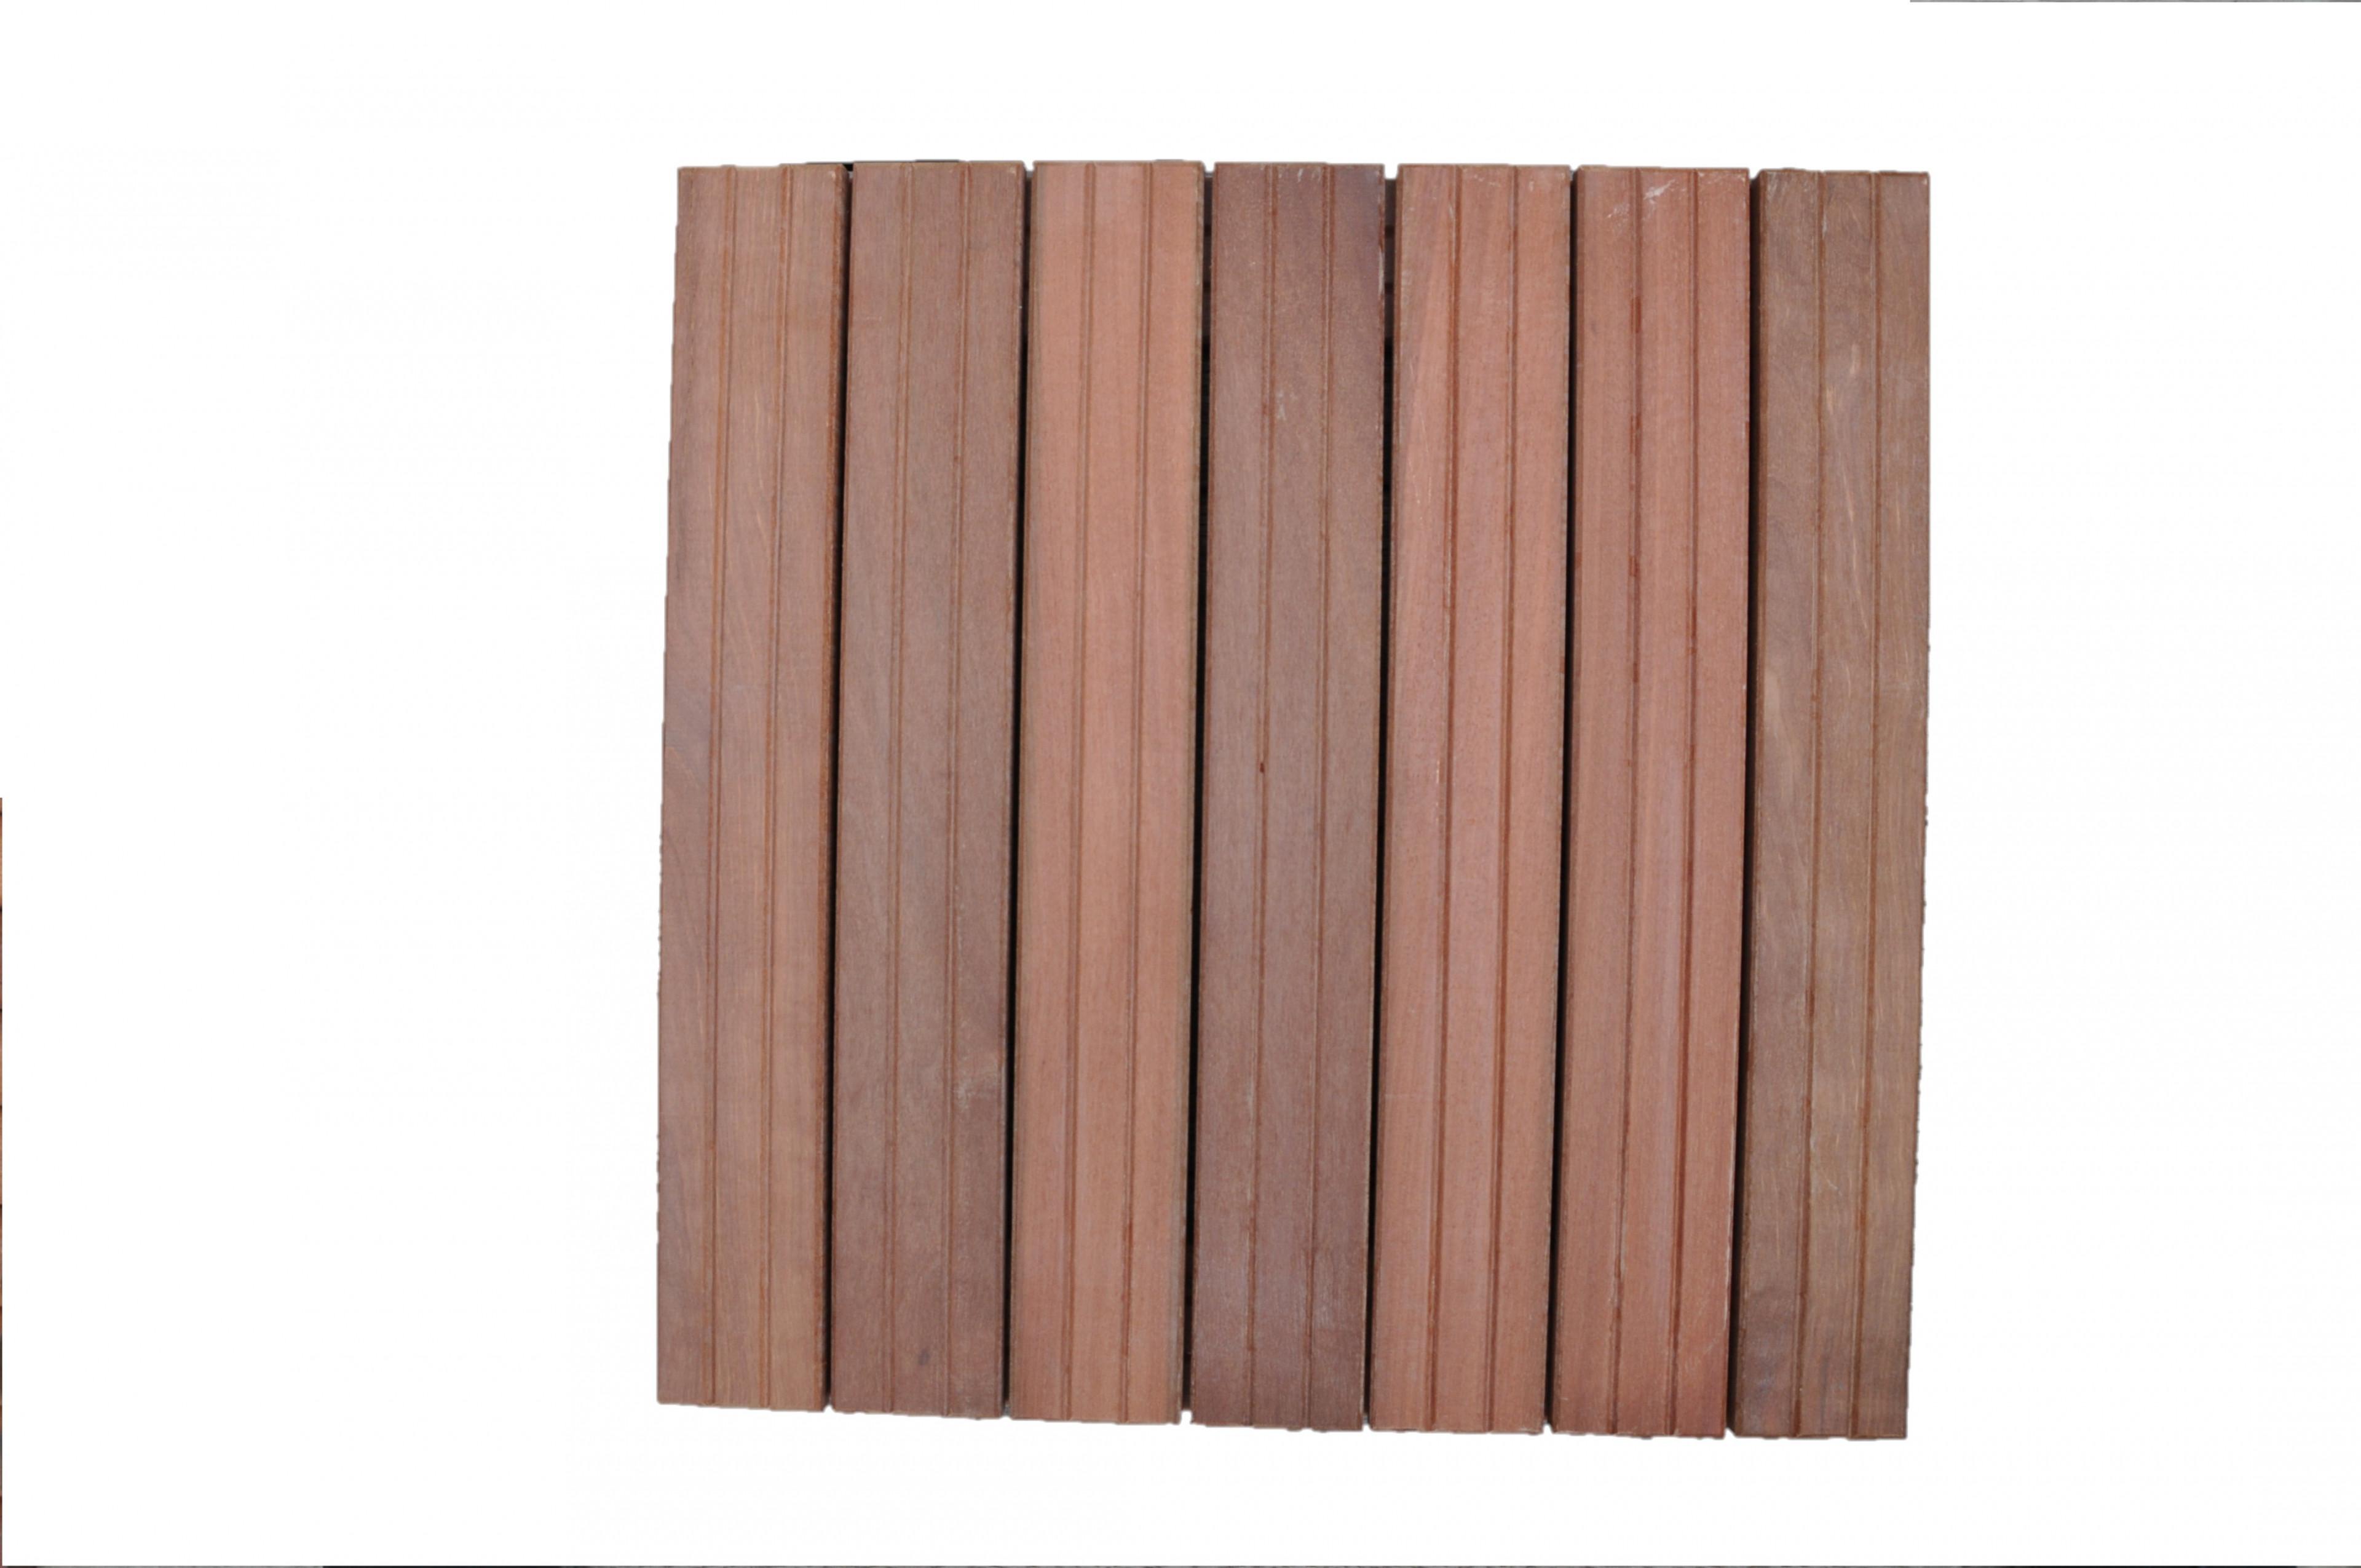 Dalles de terrasse en bois: Maçaranduba massif 38 x 500 x 500mm